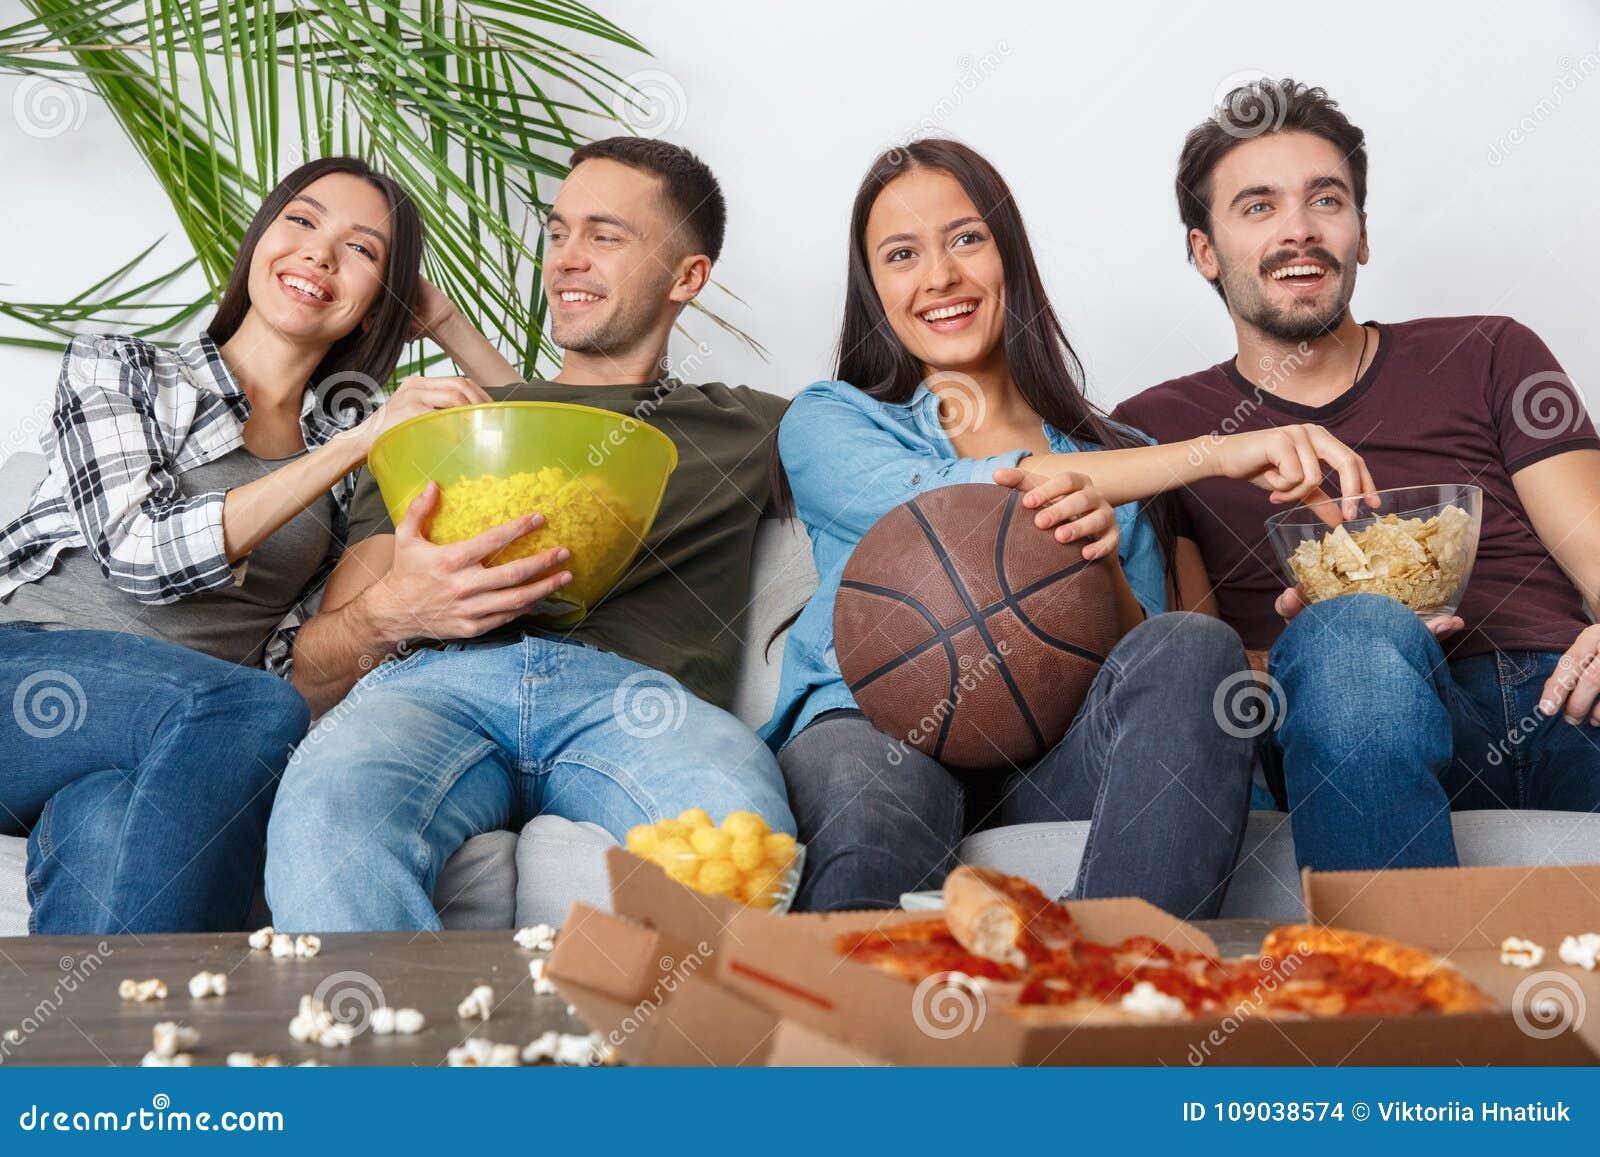 Ομάδα οπαδών αθλήματος φίλων που προσέχει το παιχνίδι καλαθοσφαίρισης τα πρόχειρα φαγητά